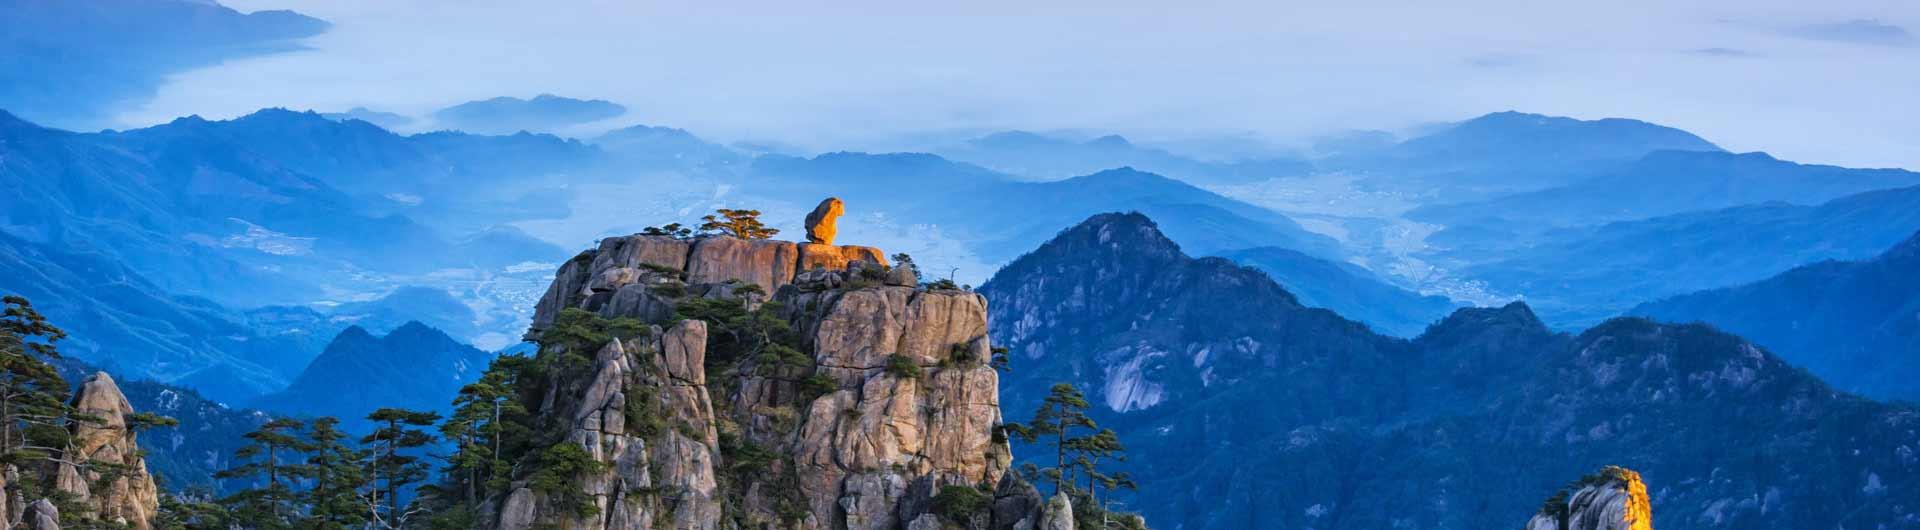 成都川藏线自驾游摄影作品